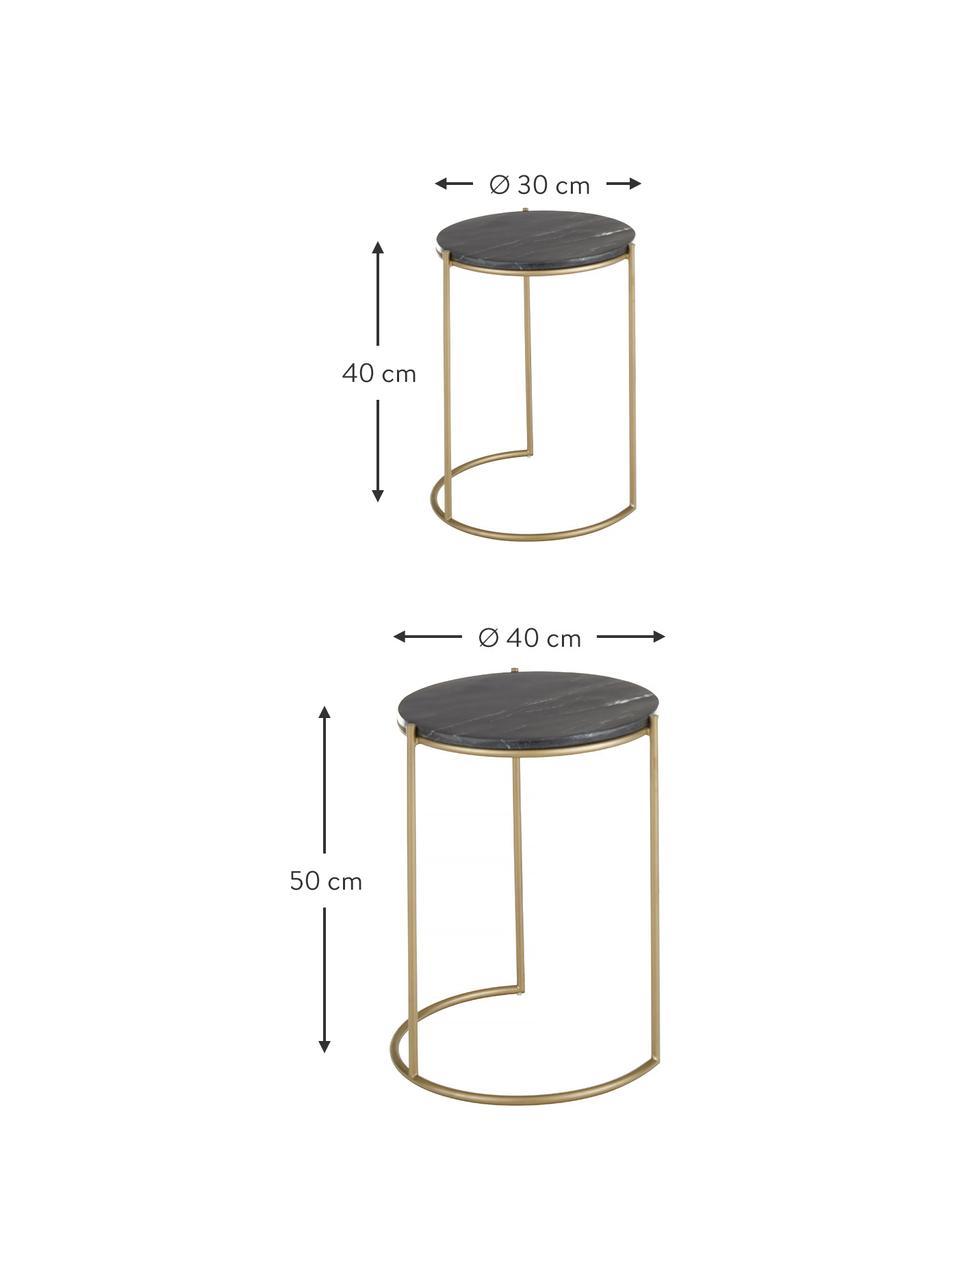 Komplet stolików pomocniczych z marmuru Ella, 2 elem., Czarny marmur, odcienie złotego, Komplet z różnymi rozmiarami